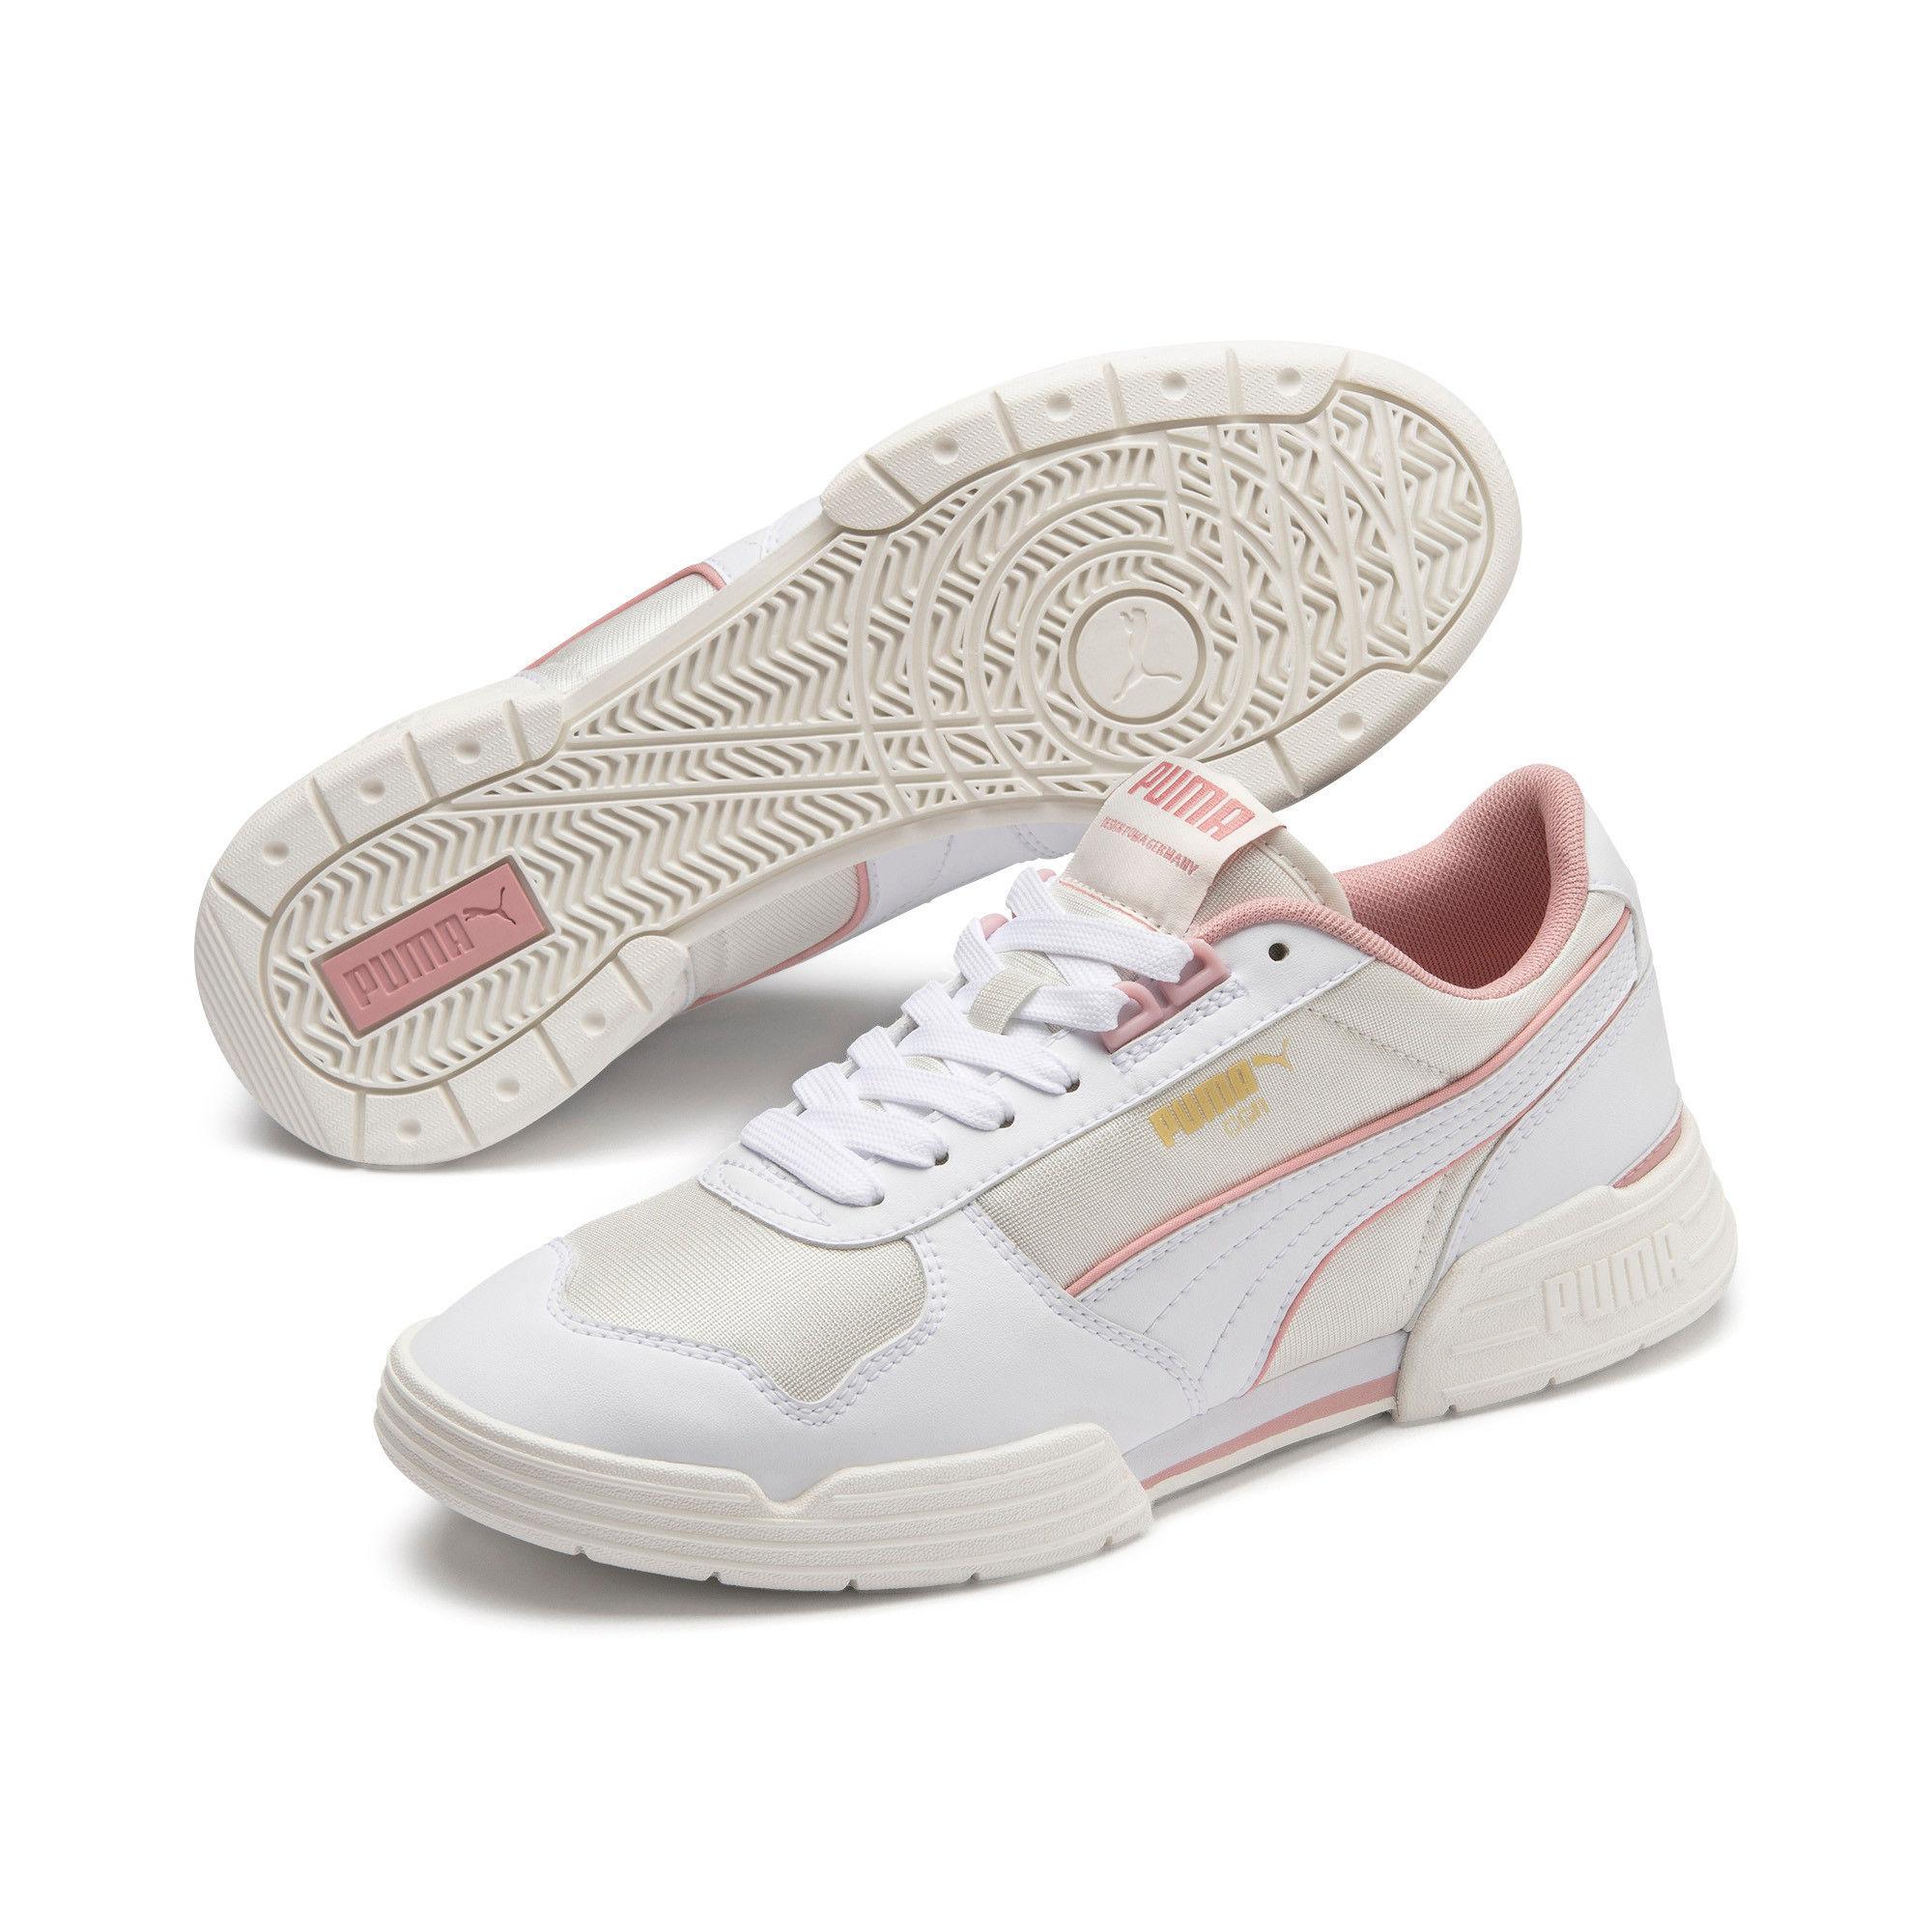 Puma Cgr Og Unisex White Sneakers: Buy